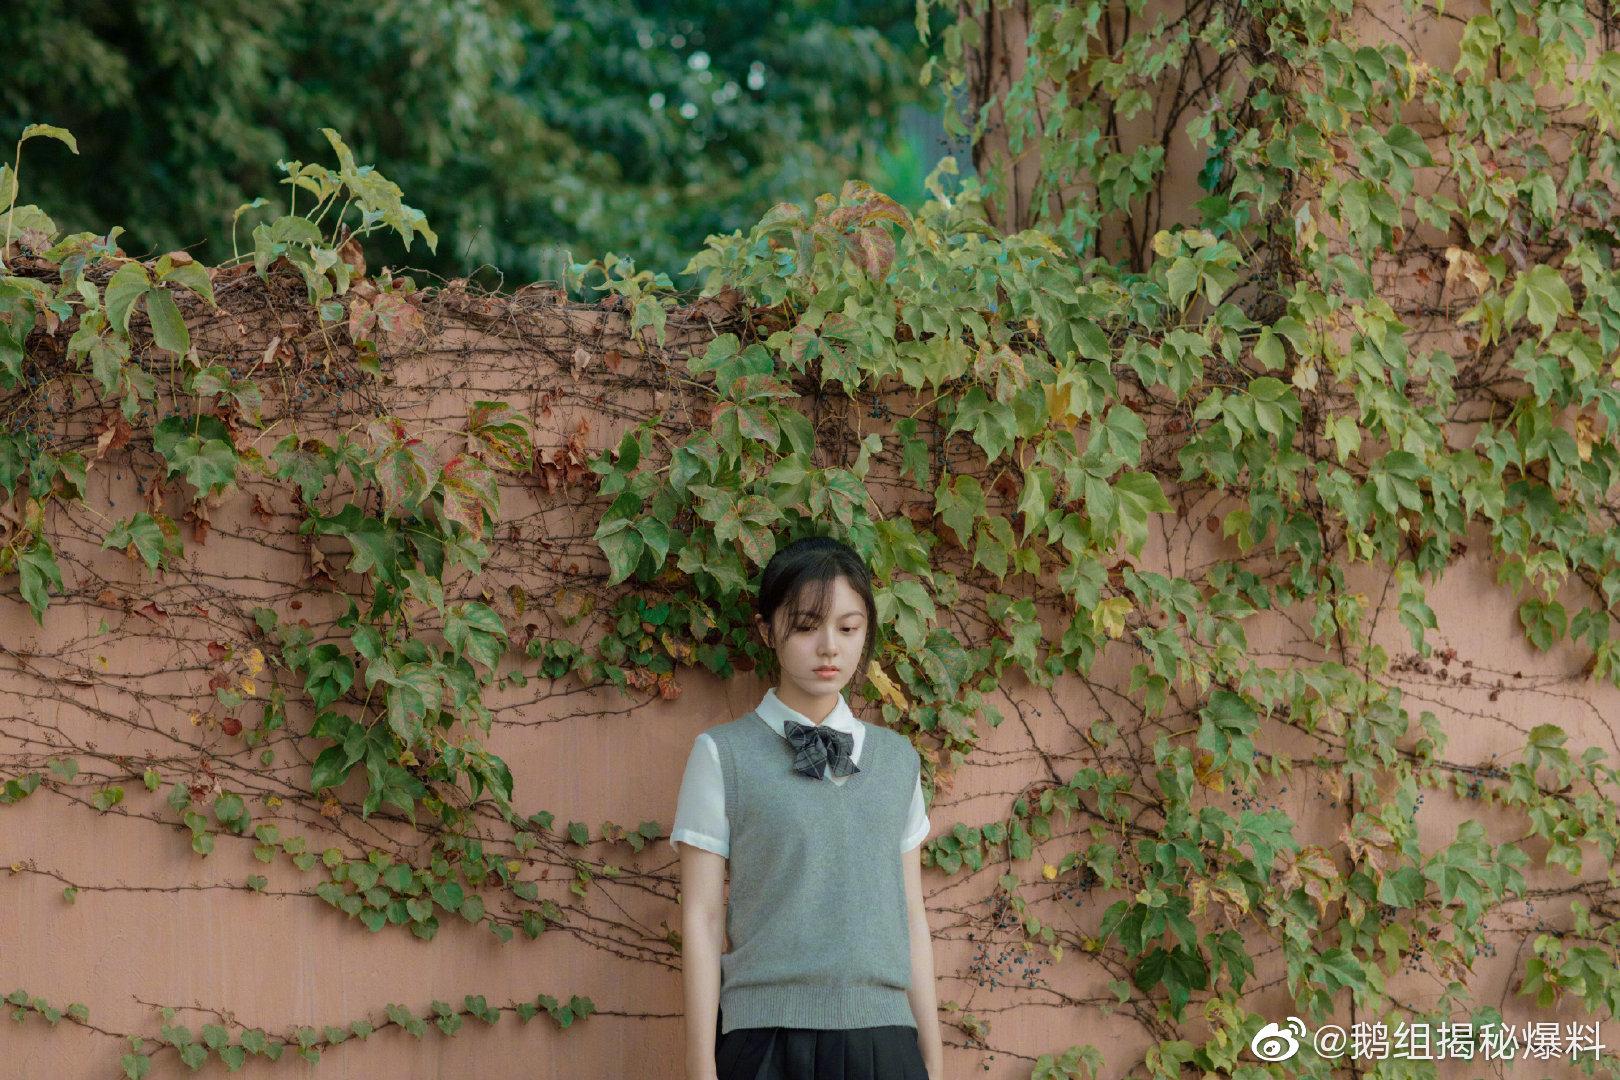 @赵今麦angel 毕业写真来啦,写真中赵今麦身穿白衬衫百褶裙